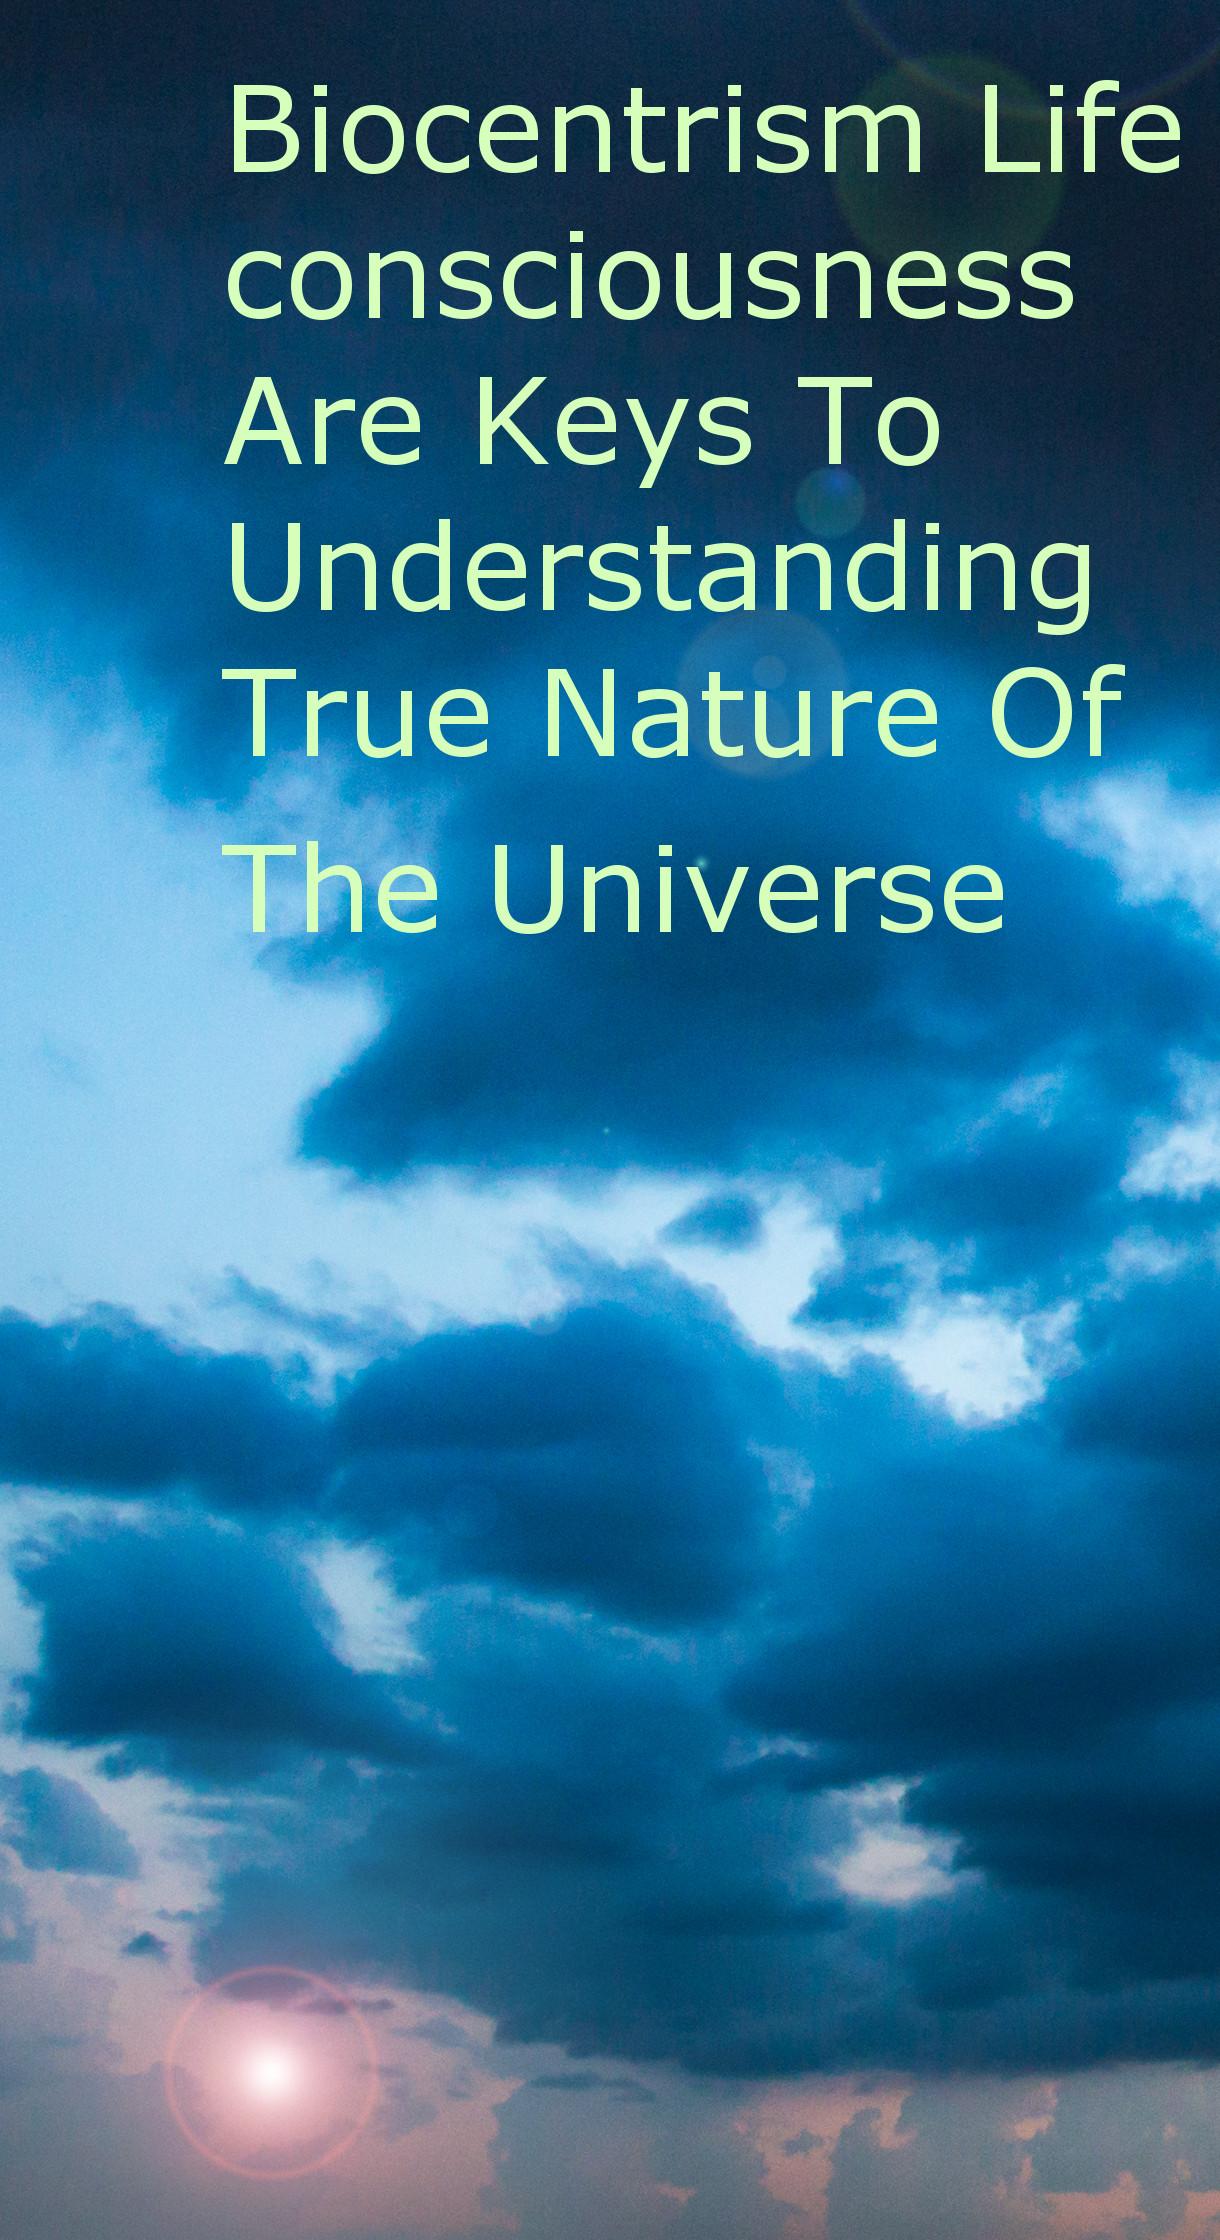 Biocentrism Life consciousness